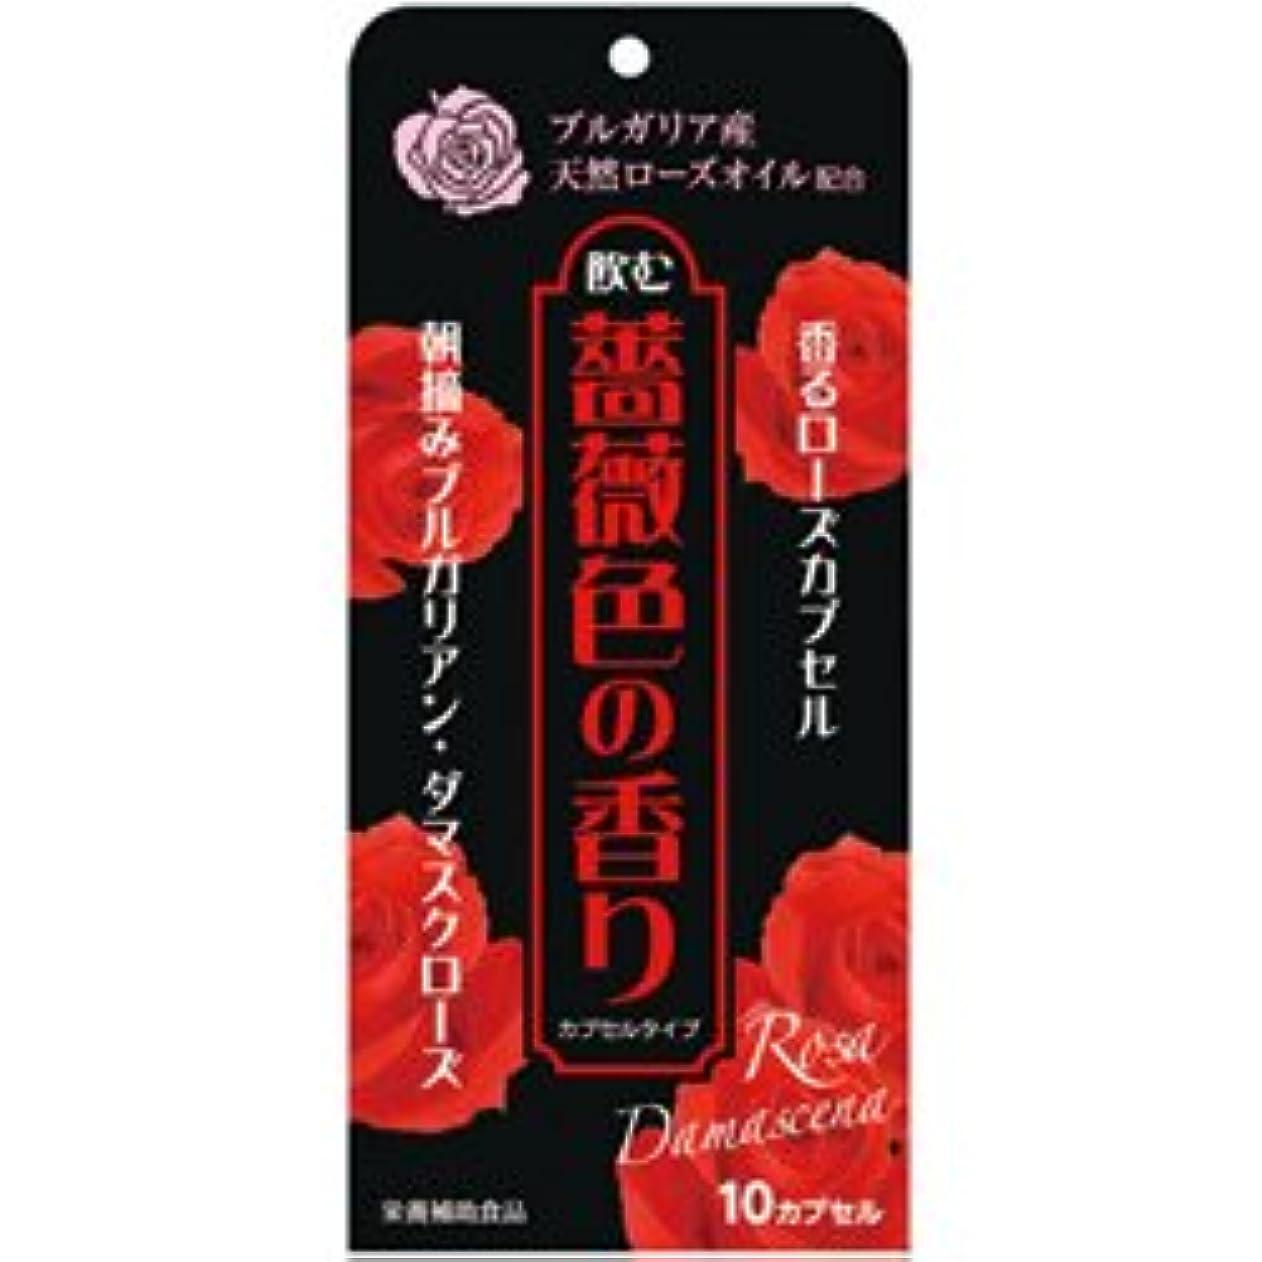 コンソールキュービック正午【ウェルネスジャパン】飲む薔薇色の香り 10カプセル ×5個セット